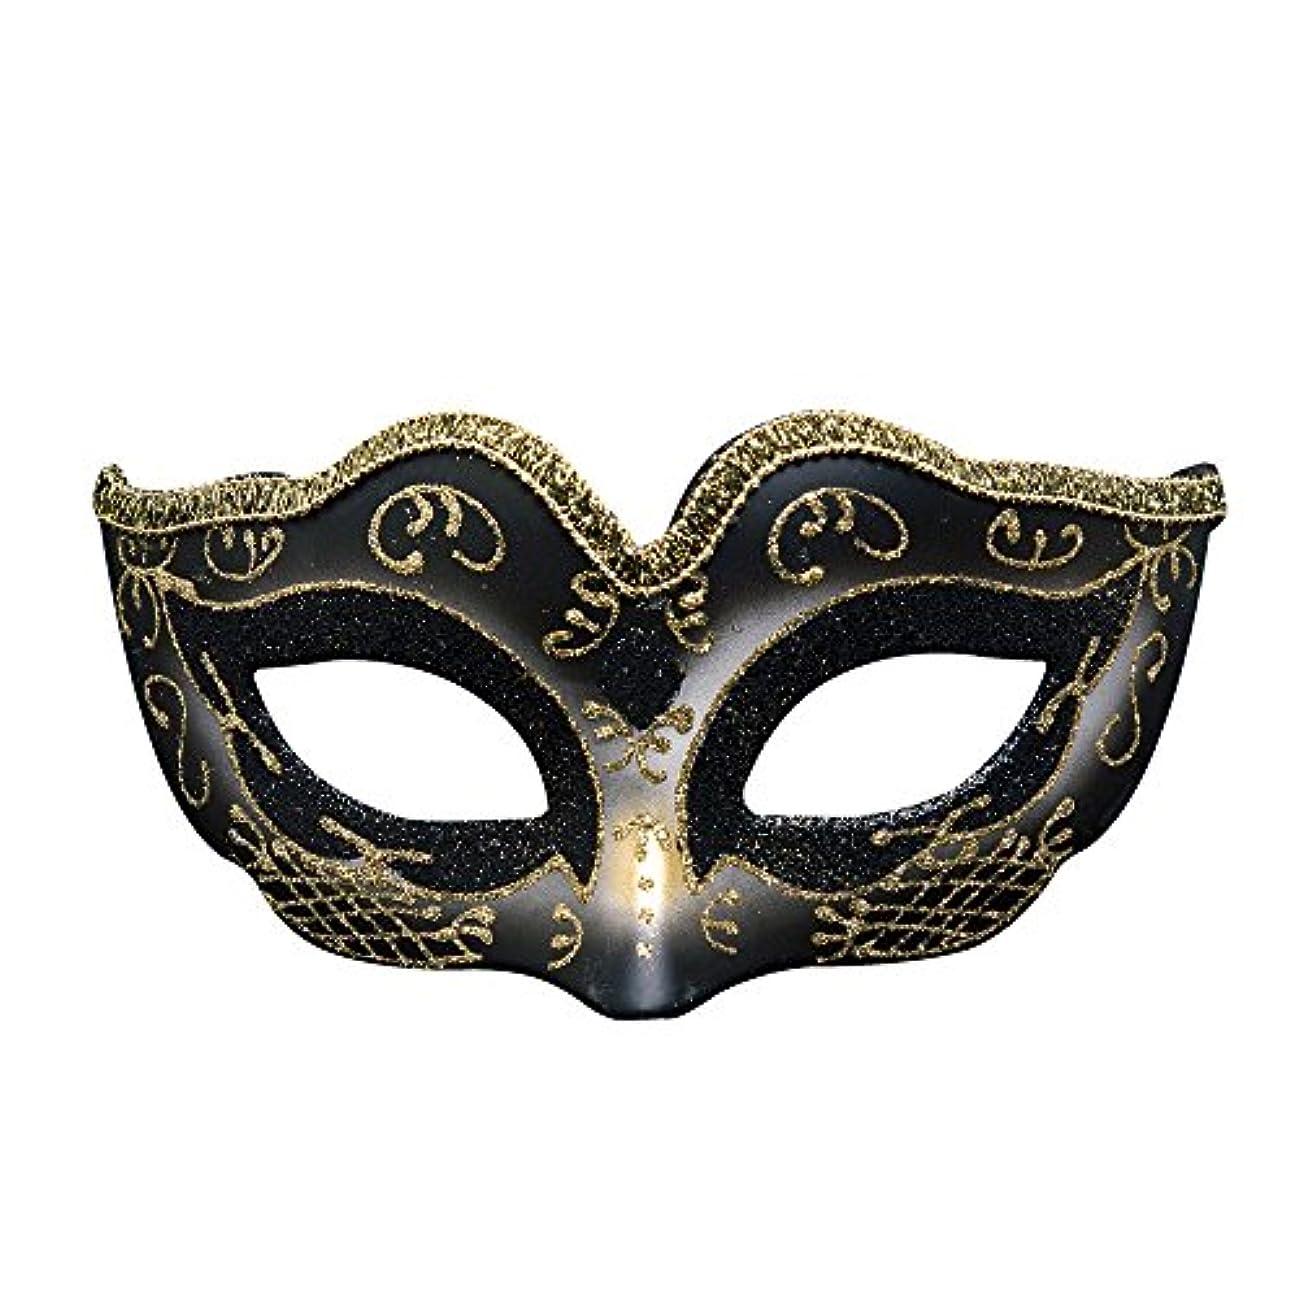 やけど日記ハイジャッククリエイティブカスタム子供のなりすましパーティーハロウィーンマスククリスマス雰囲気マスク (Color : A)